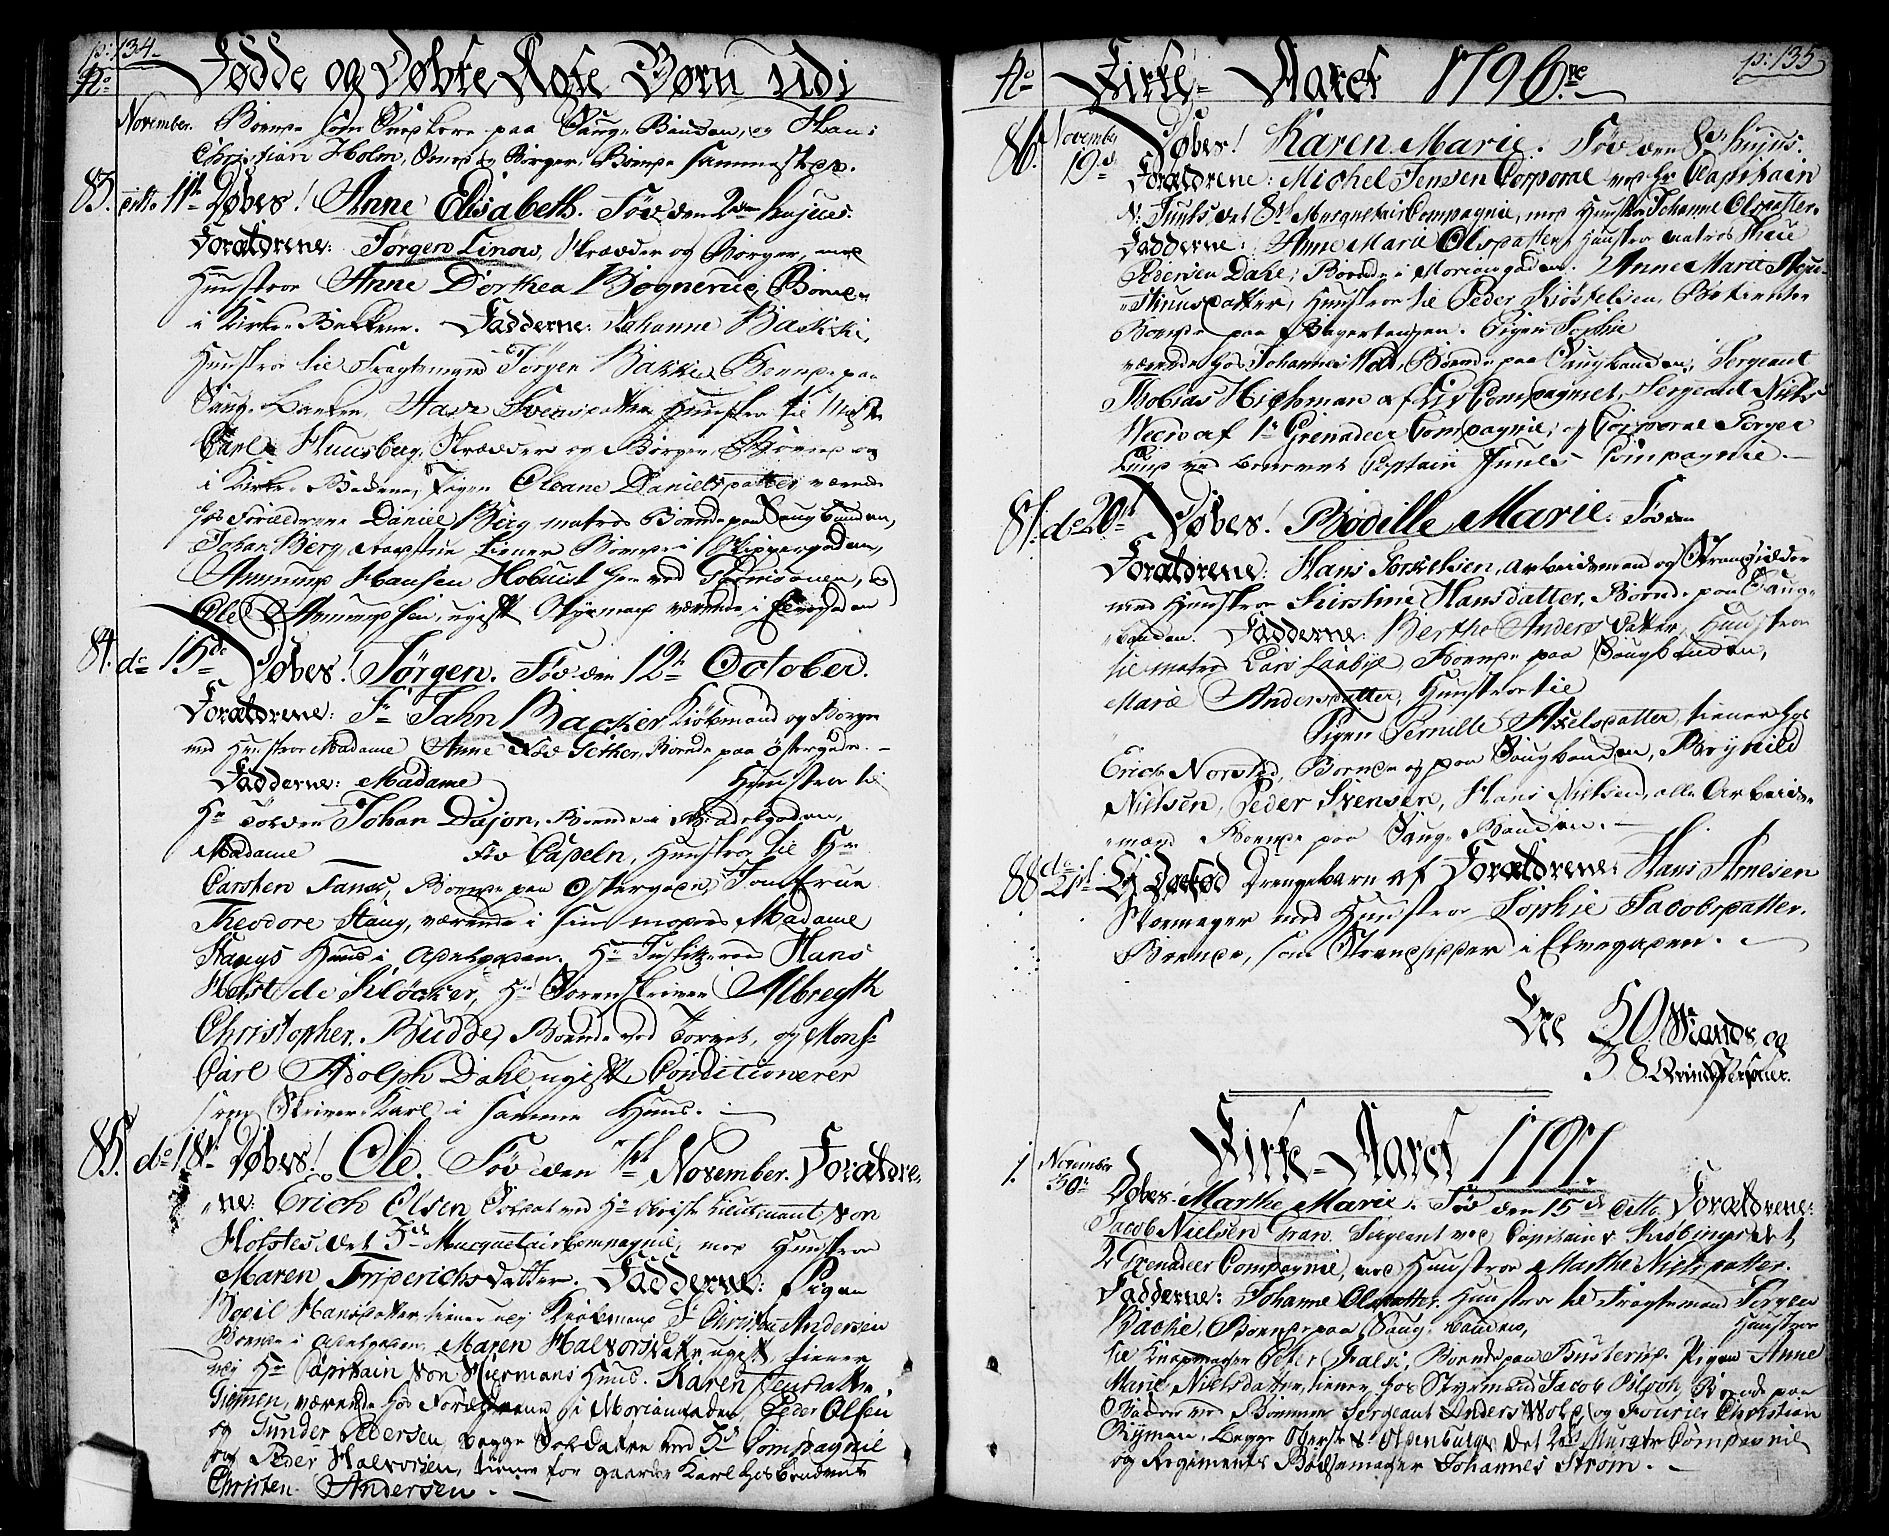 SAO, Halden prestekontor Kirkebøker, F/Fa/L0002: Ministerialbok nr. I 2, 1792-1812, s. 134-135